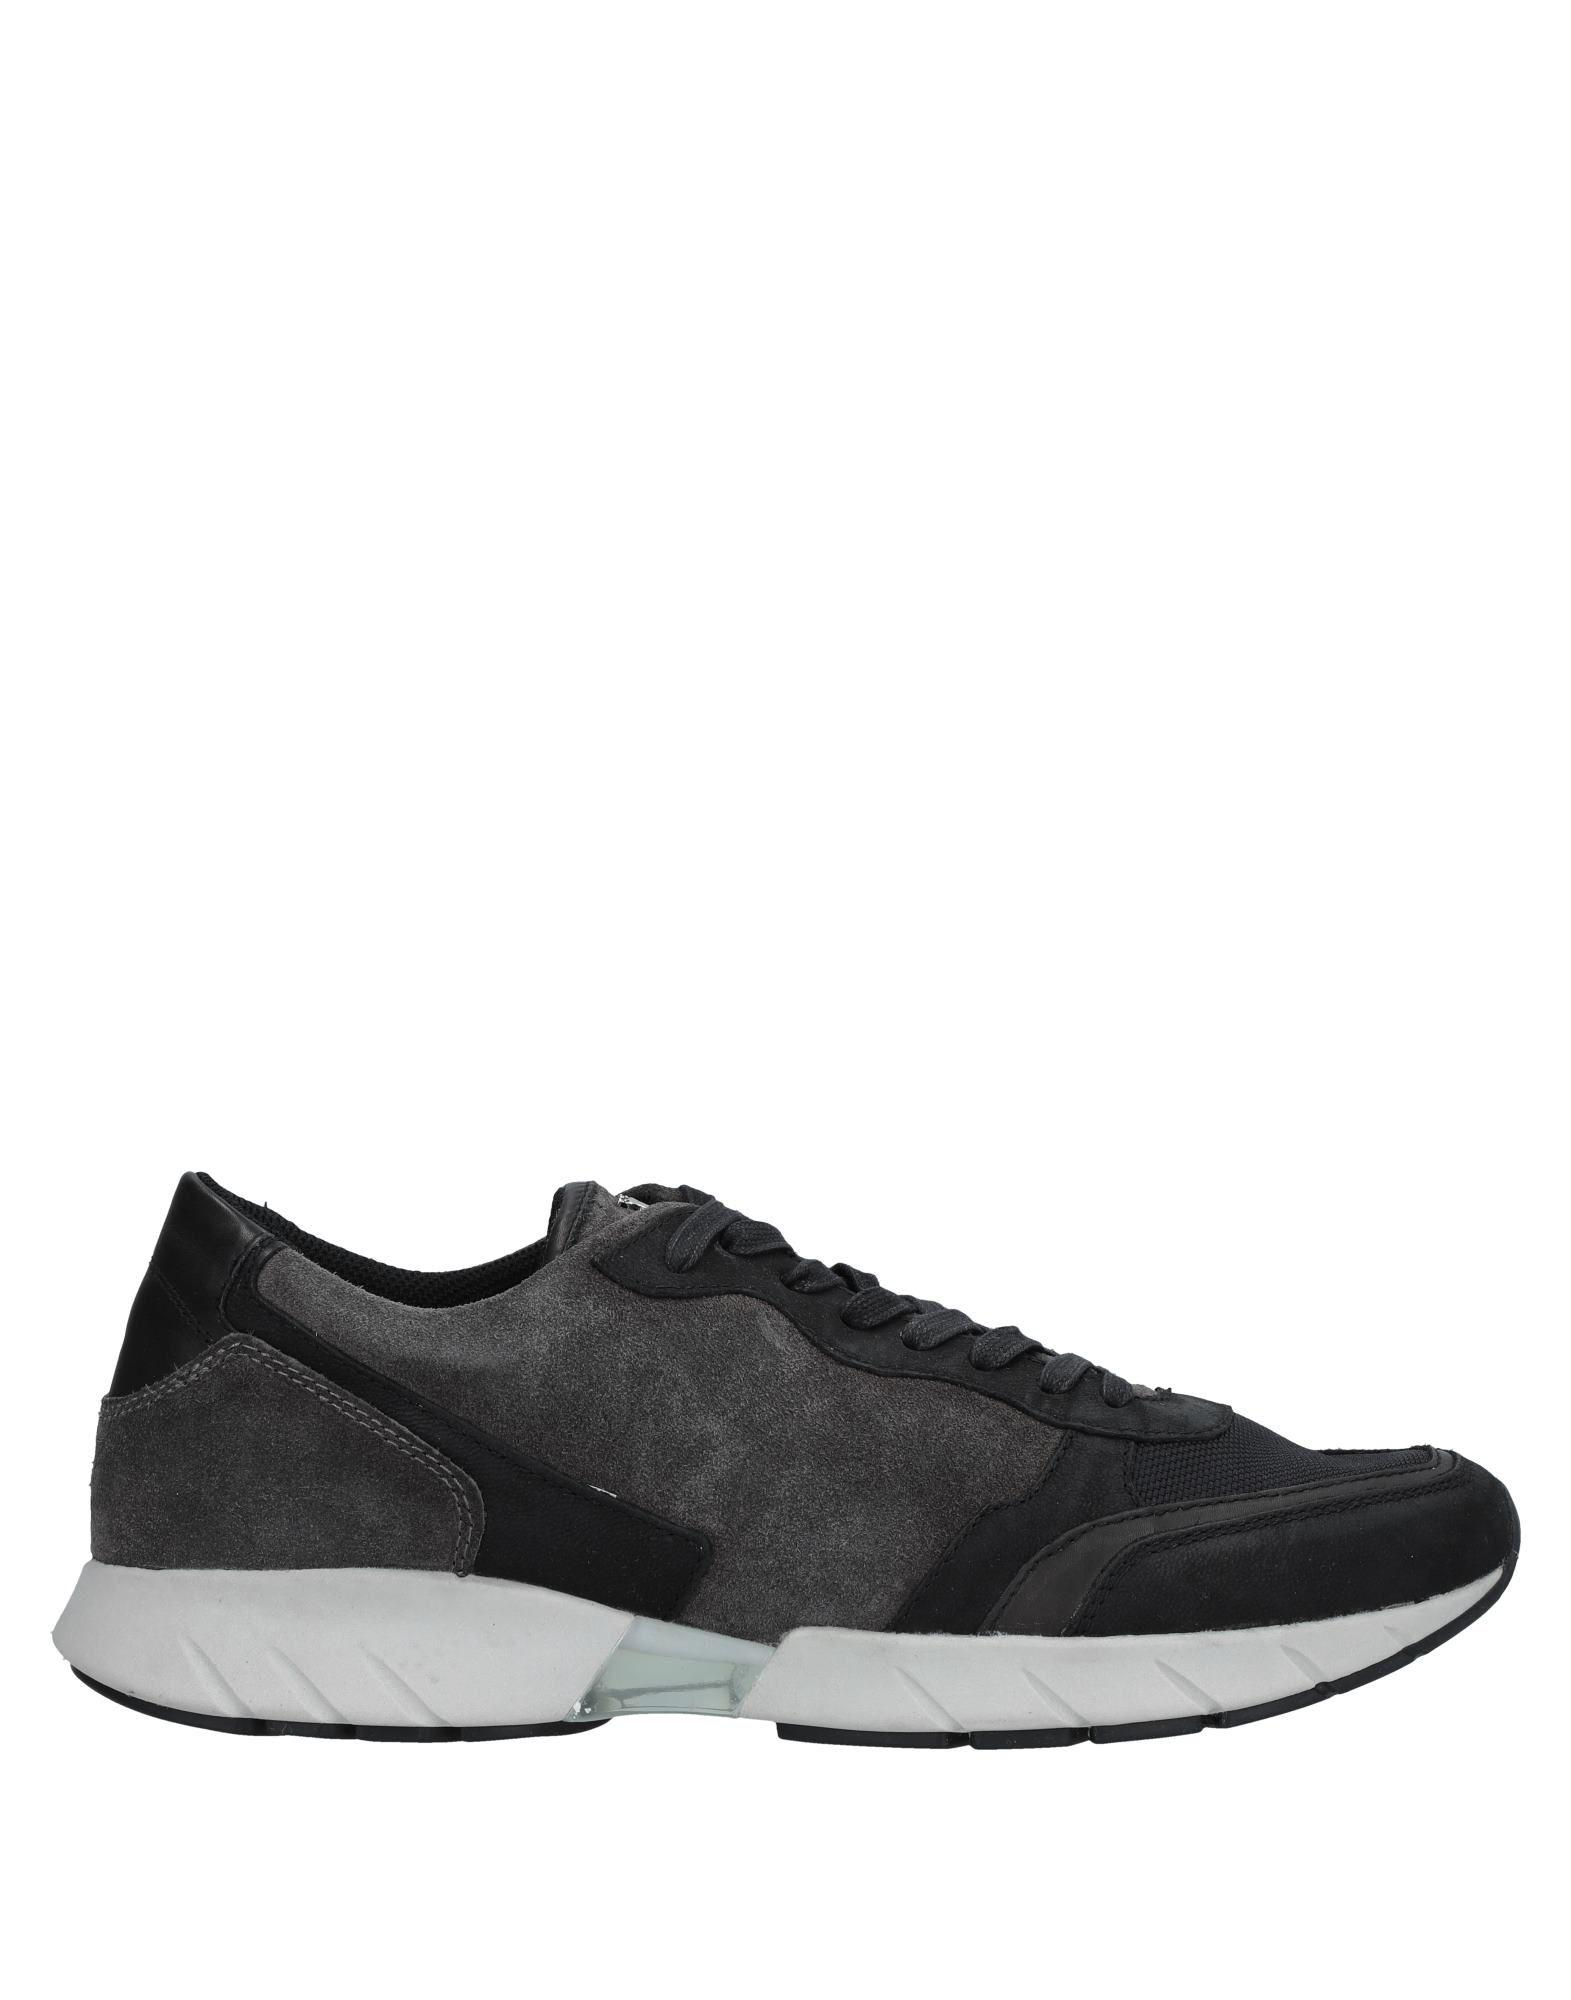 Rabatt echte Schuhe Crime London Sneakers Herren  11530694GD